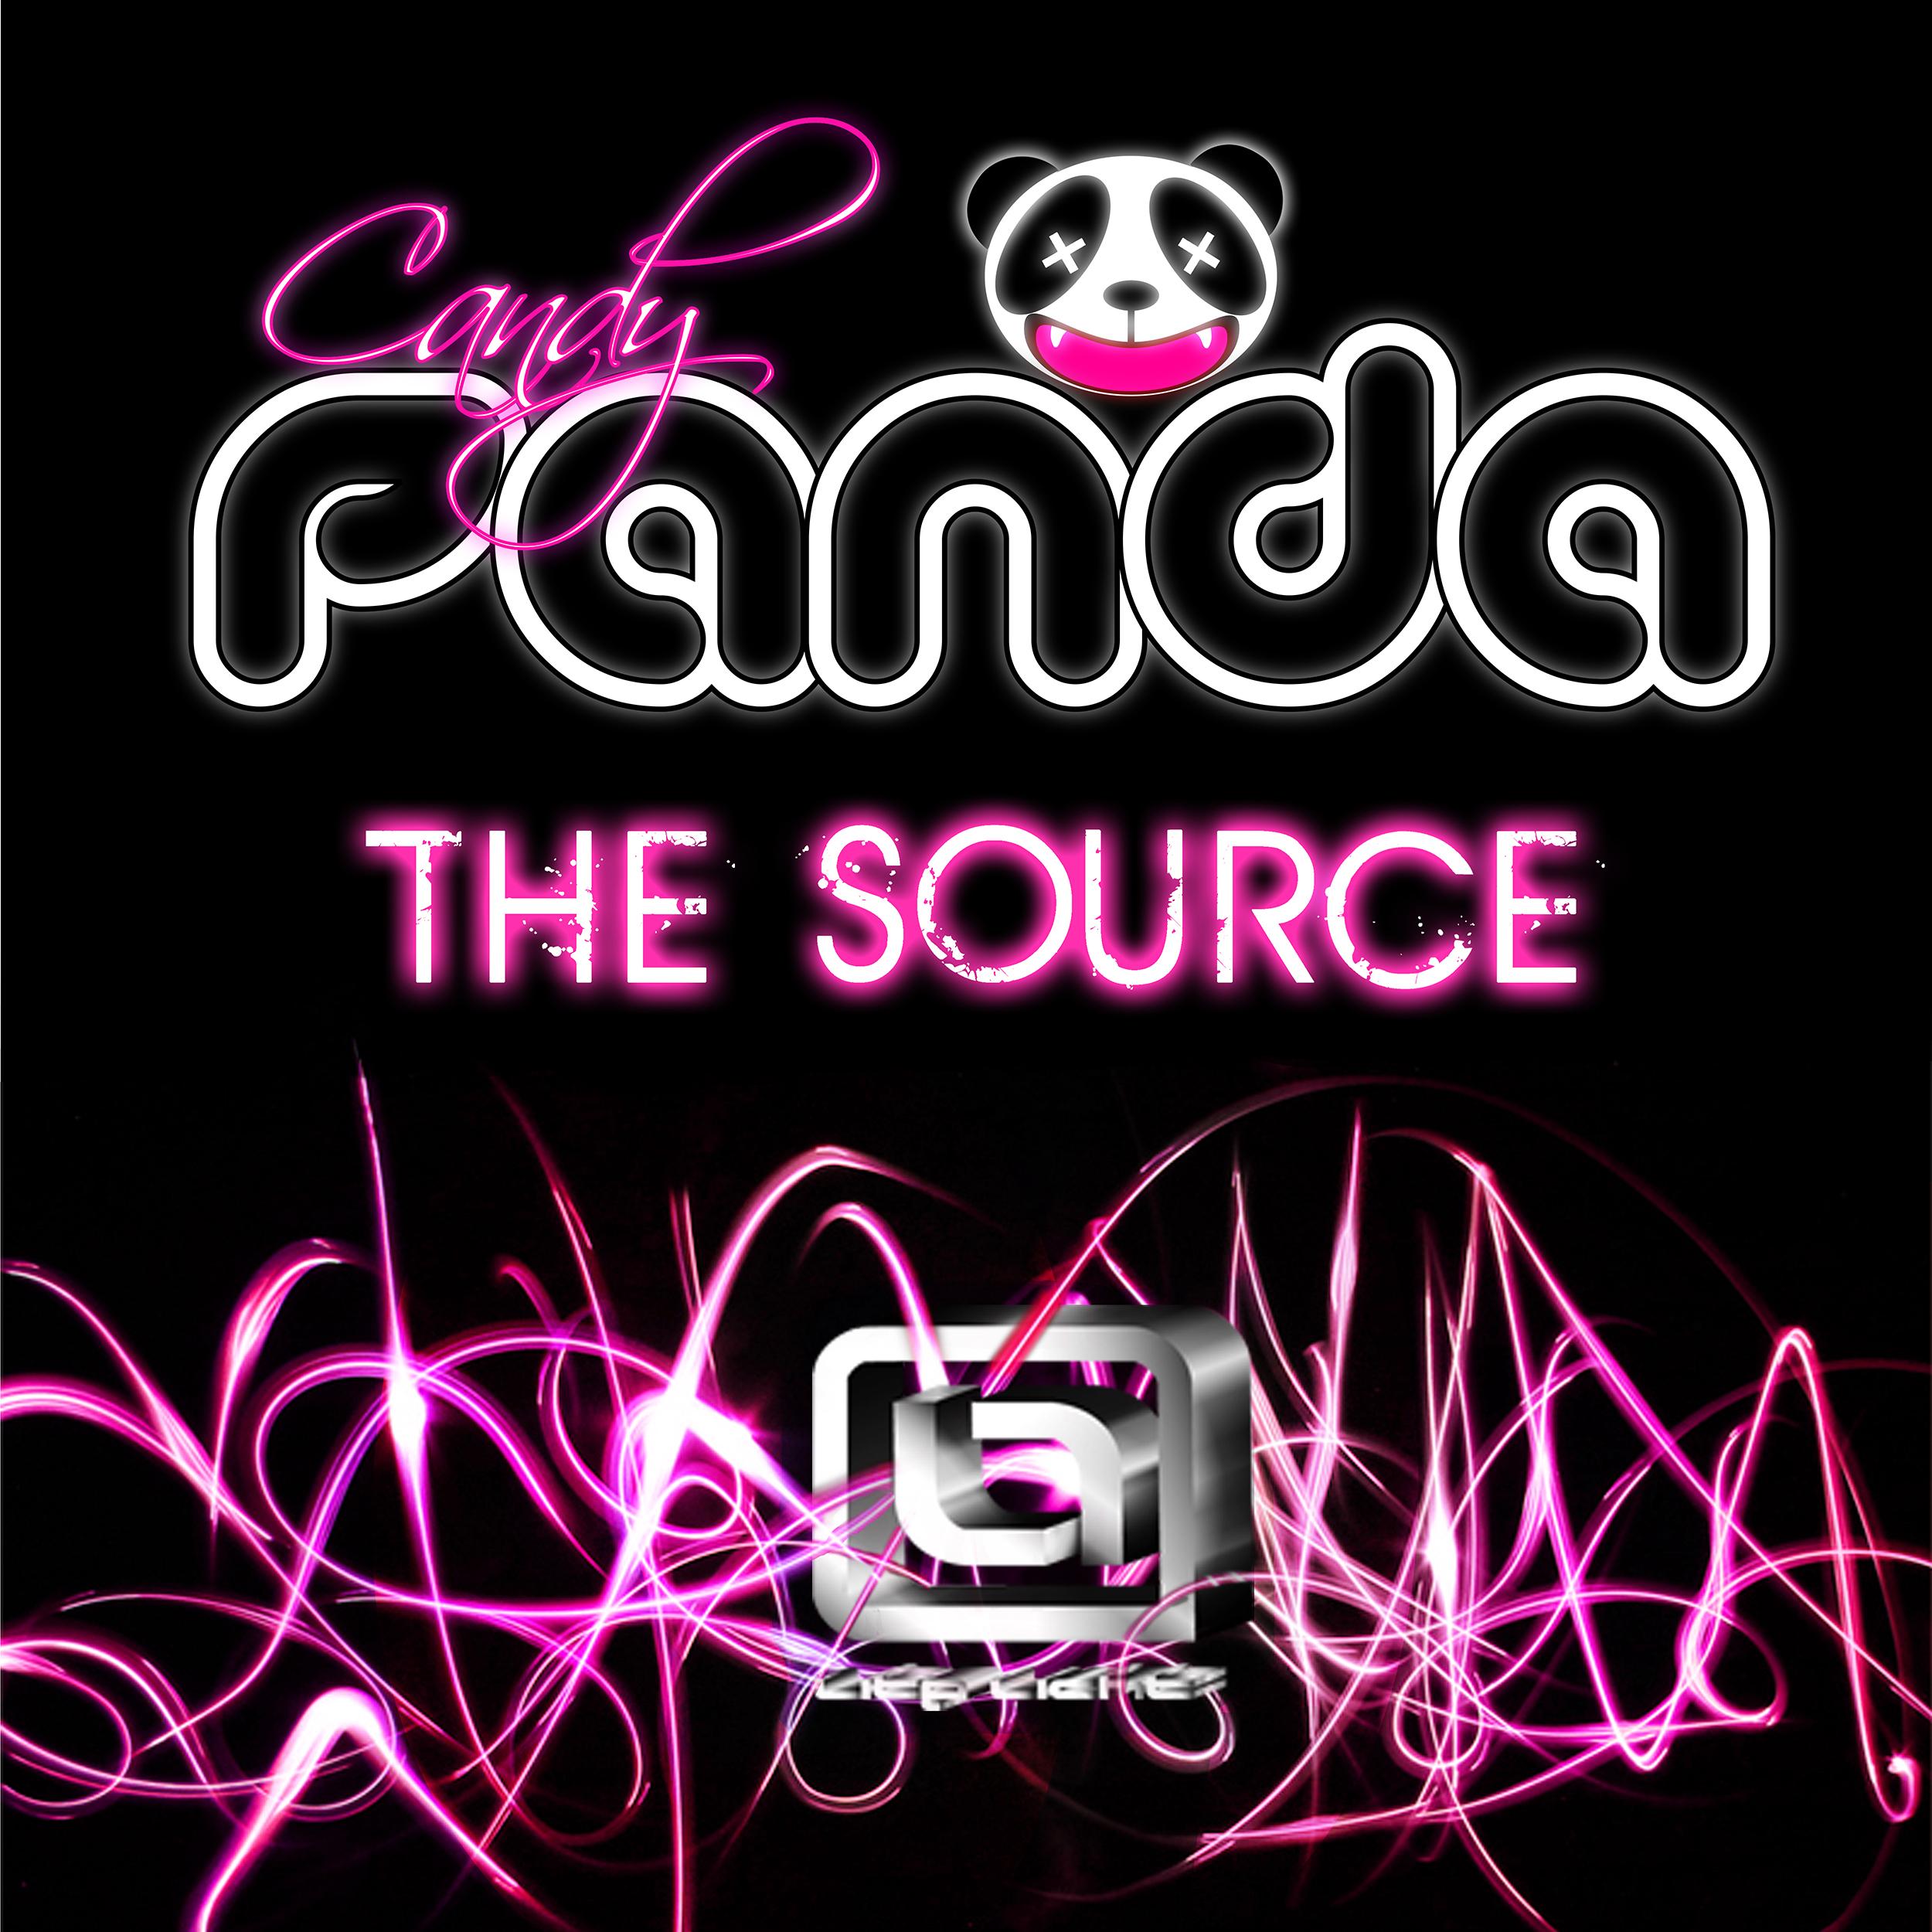 Candy Panda